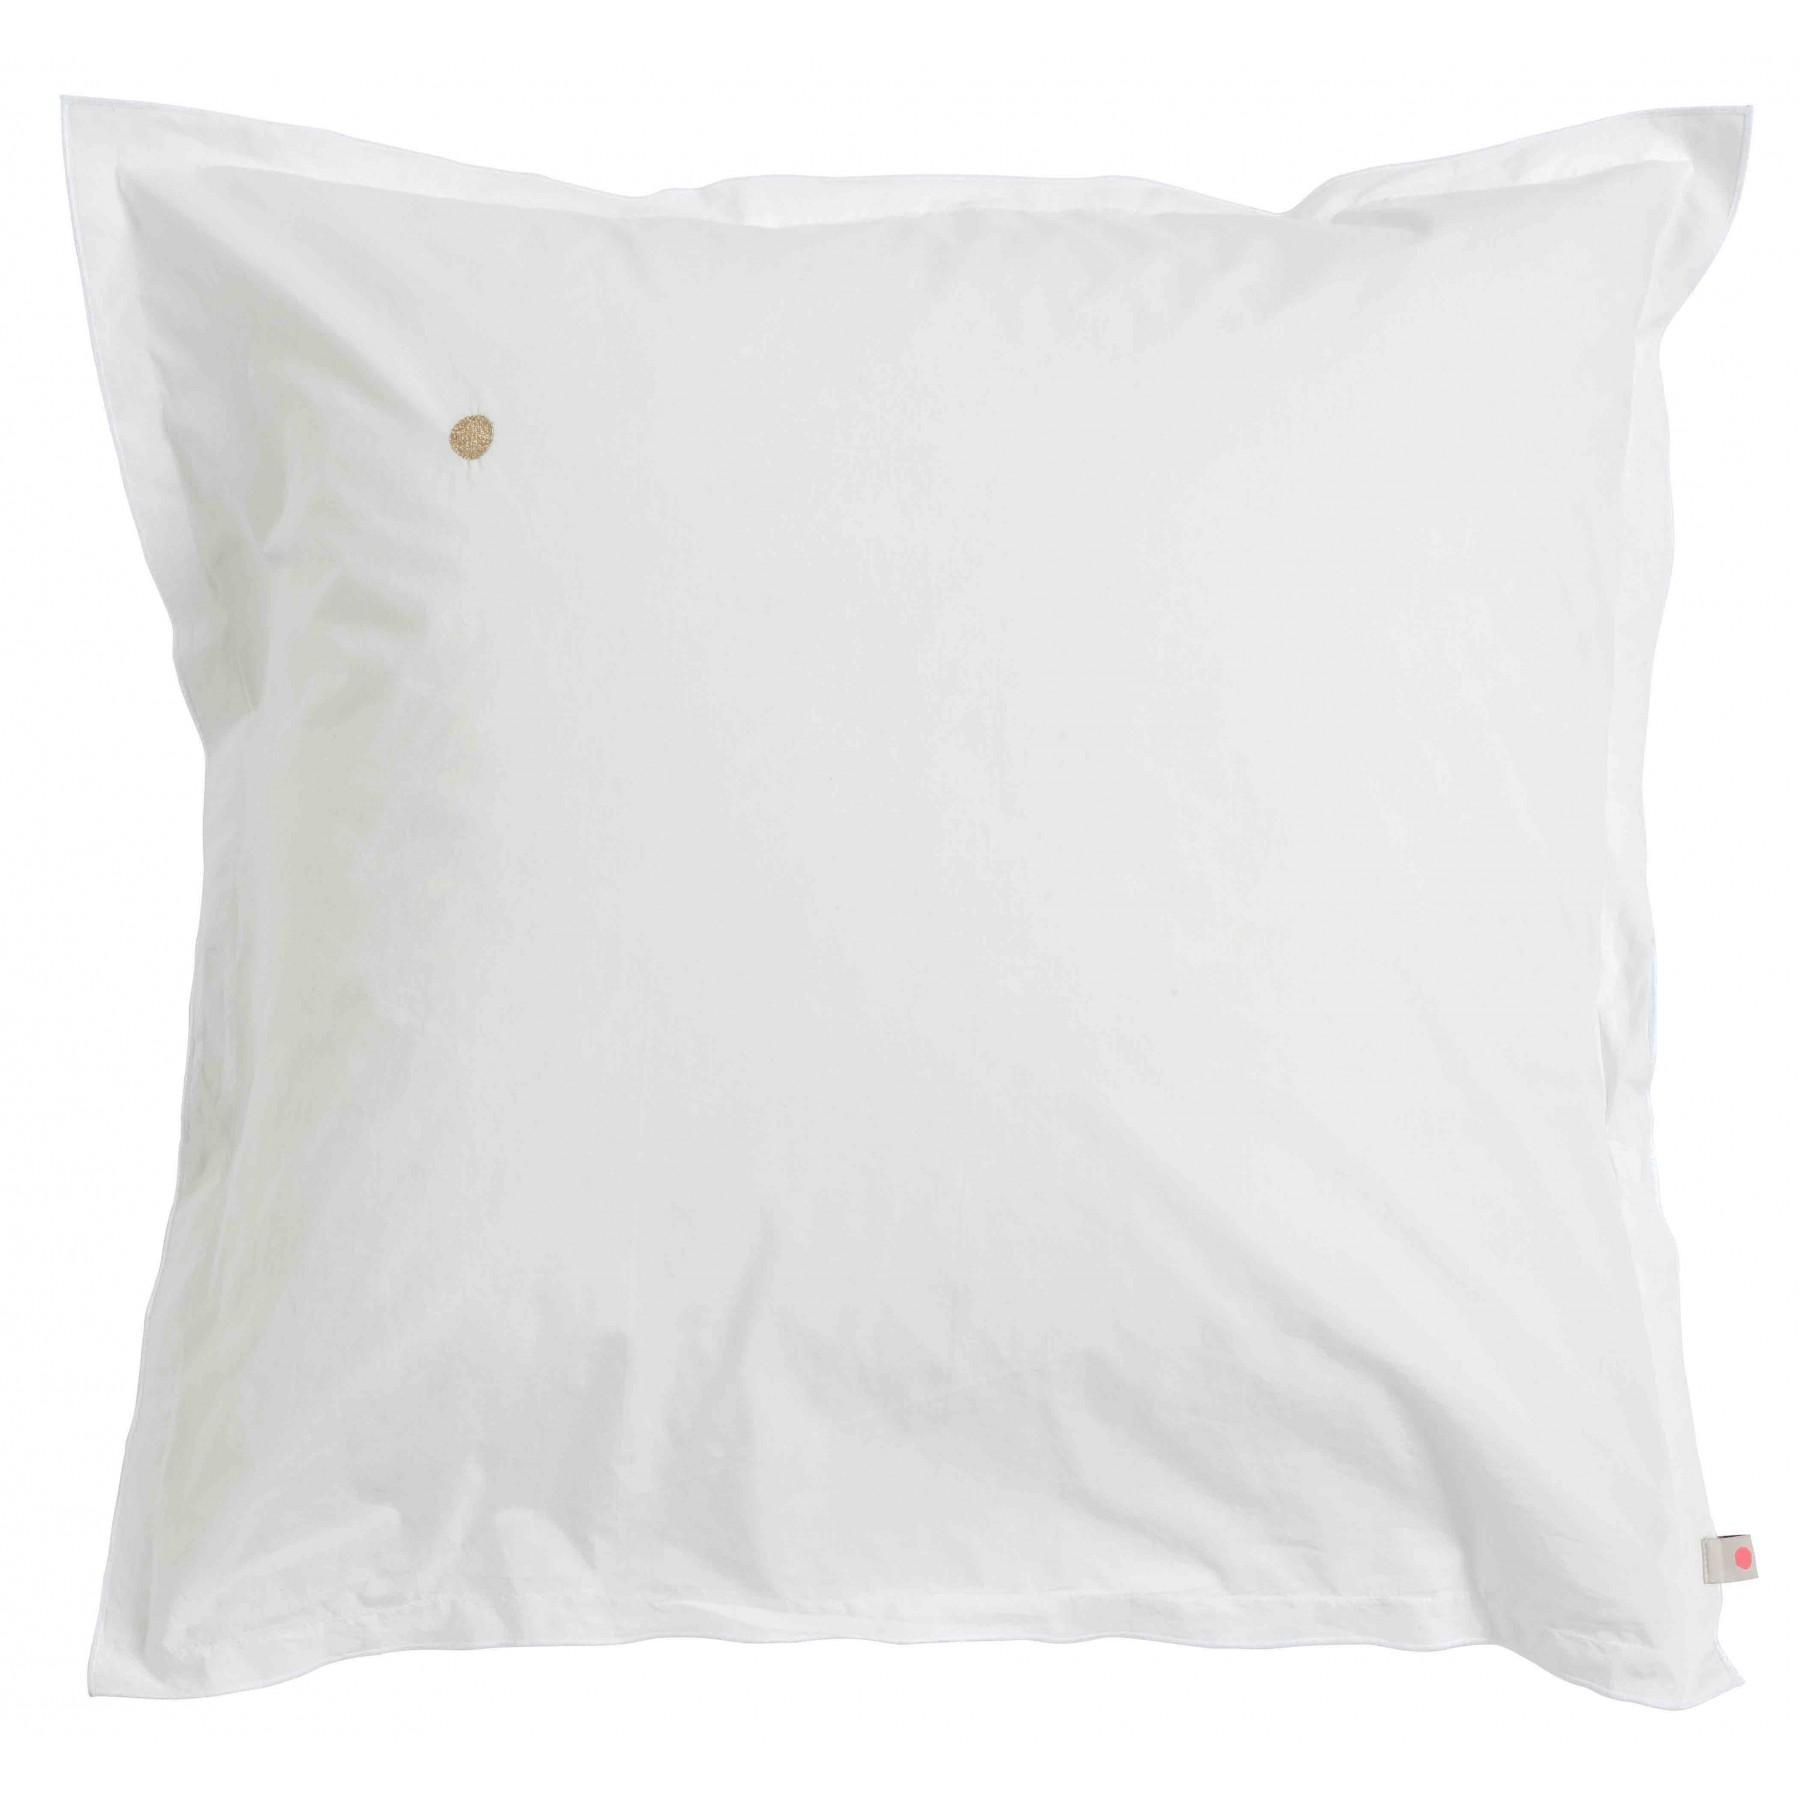 Taie d'oreiller Swann Blanc Milk bords Bords Blancs 65x65cm * La Cerise sur le Gâteau